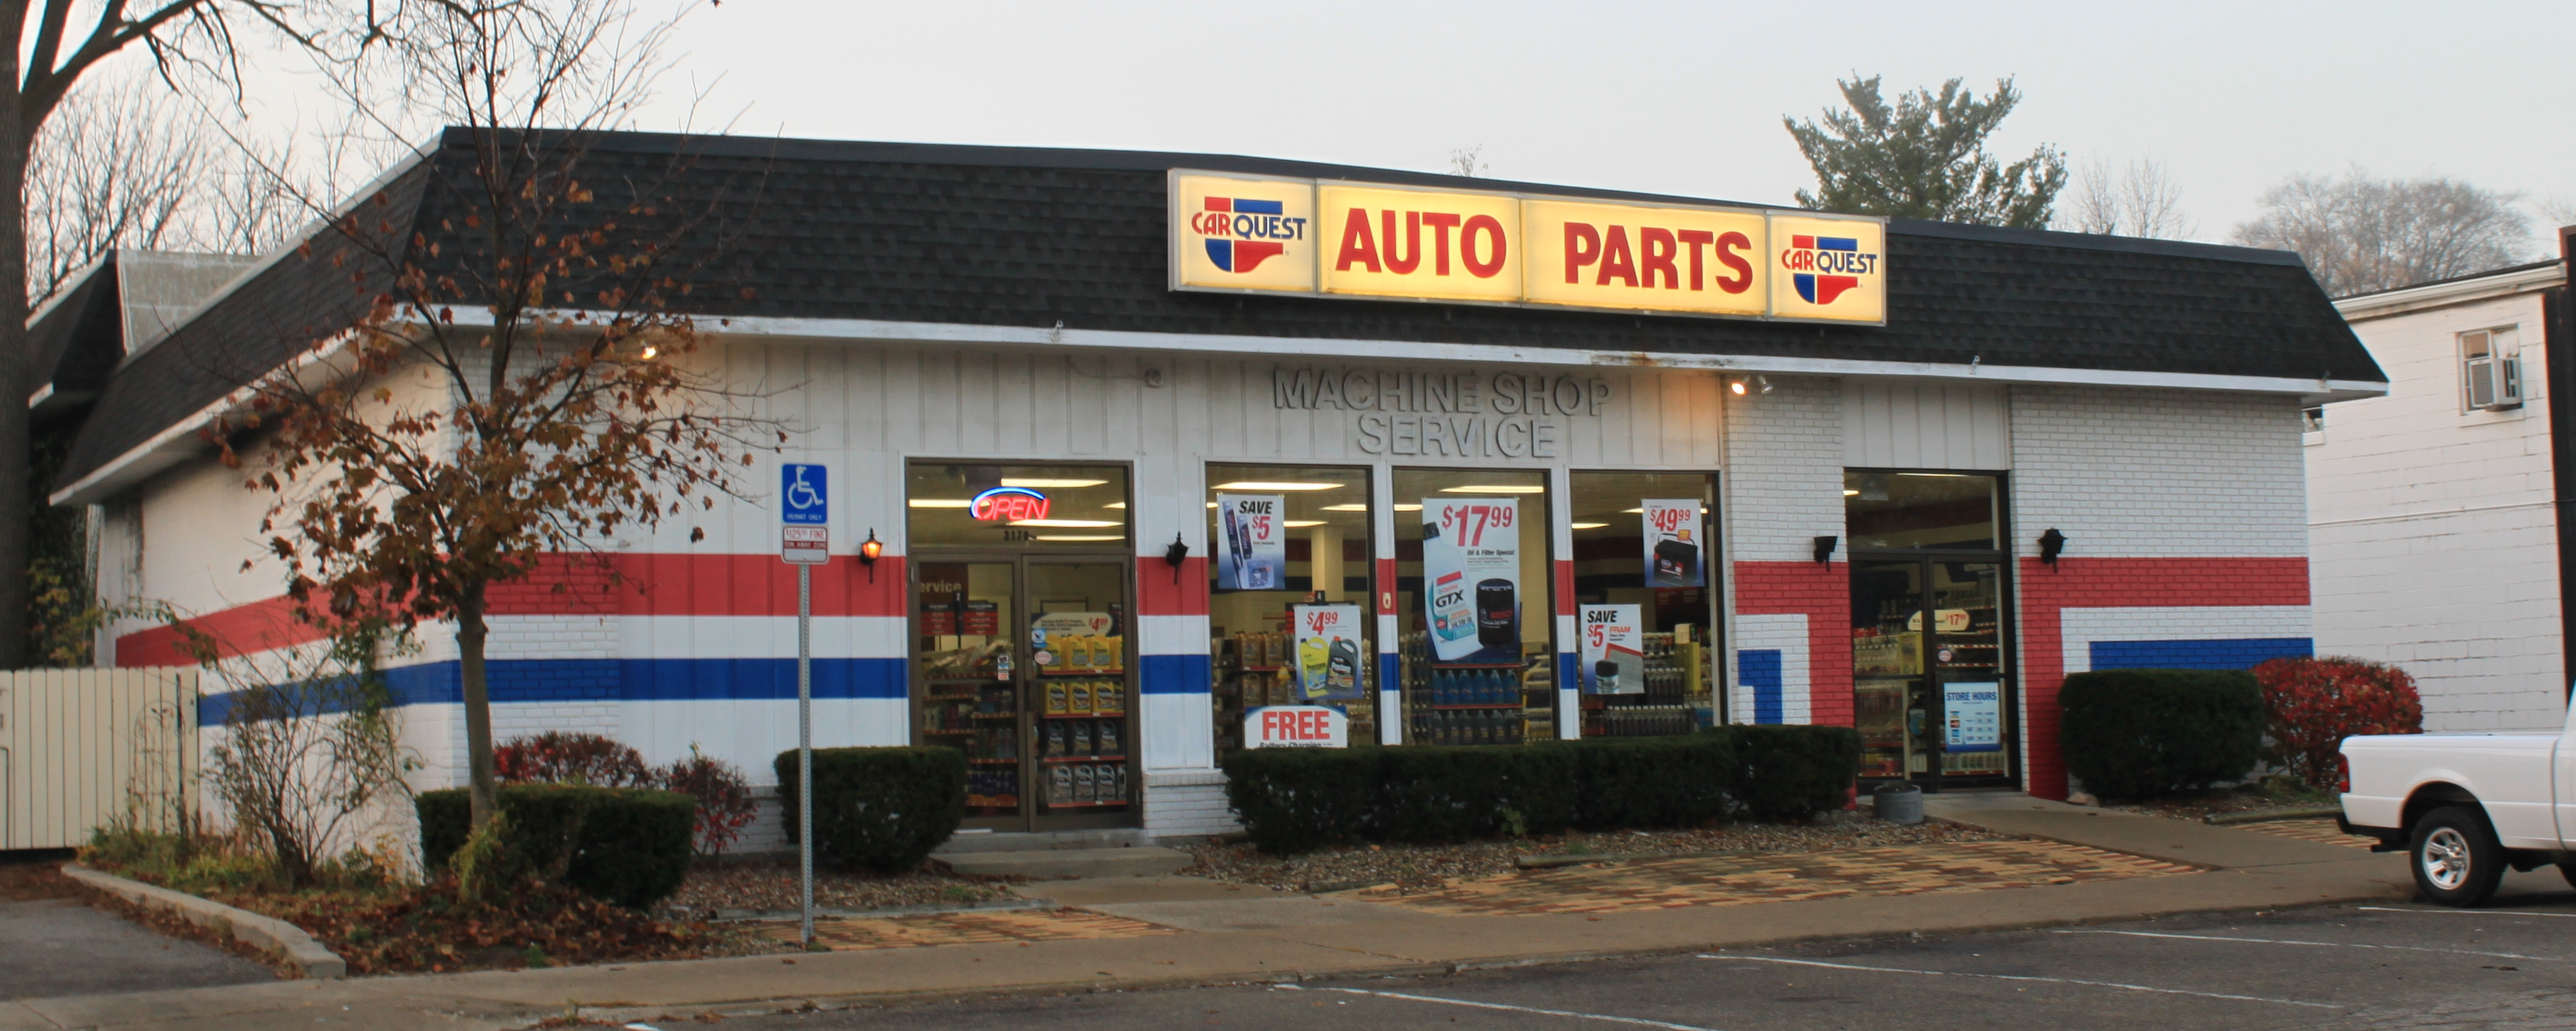 Auto Stores In Virginia Beach